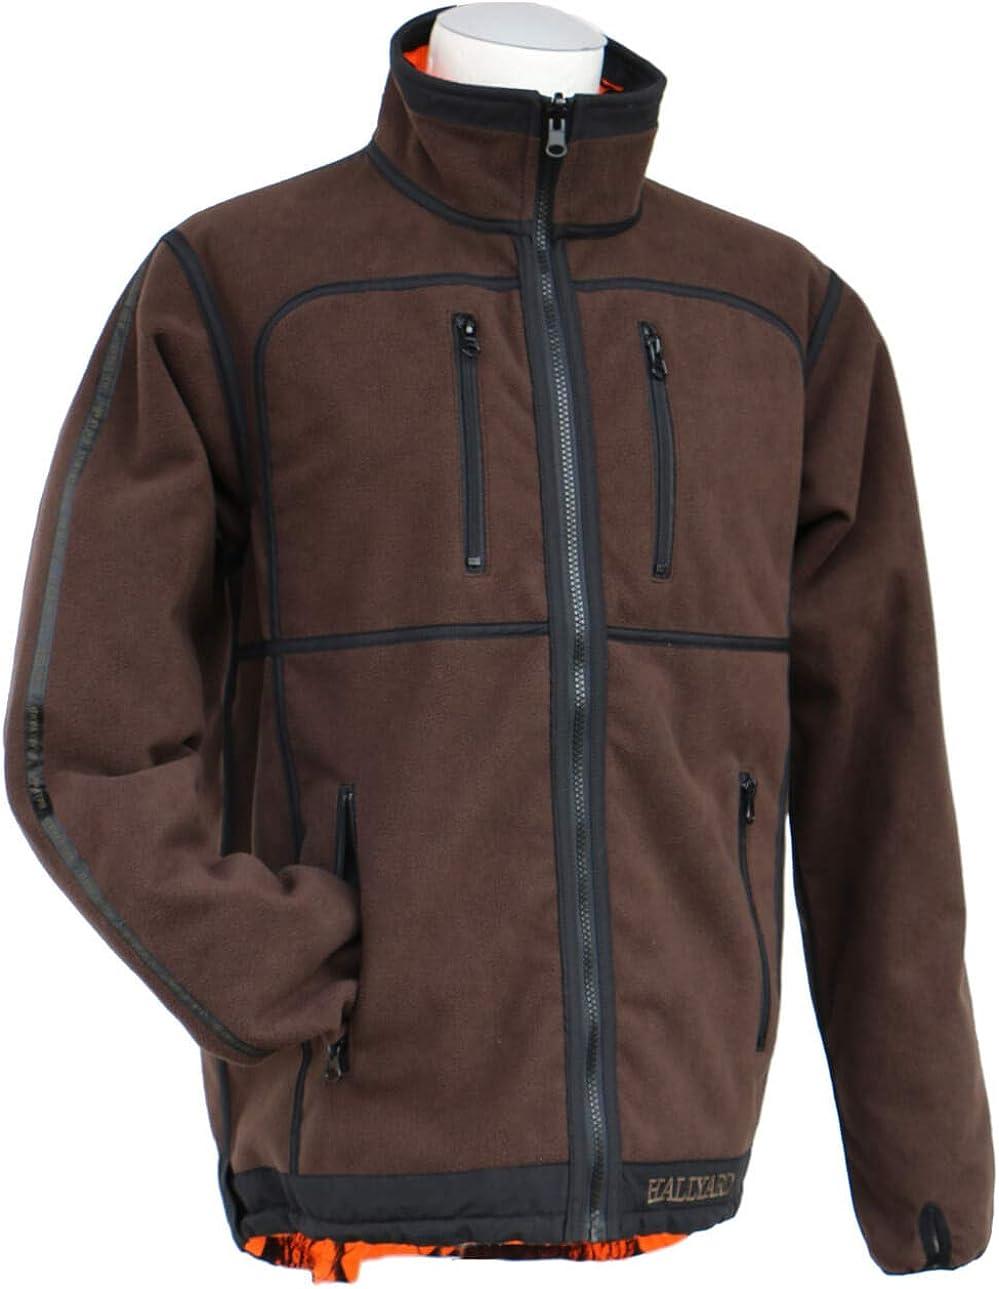 waschbar mit vielen Taschen Hallyard Strickjacke Moncton Jagdjacke Herren braun Outdoorjacke Wolljacke wasserabweisend